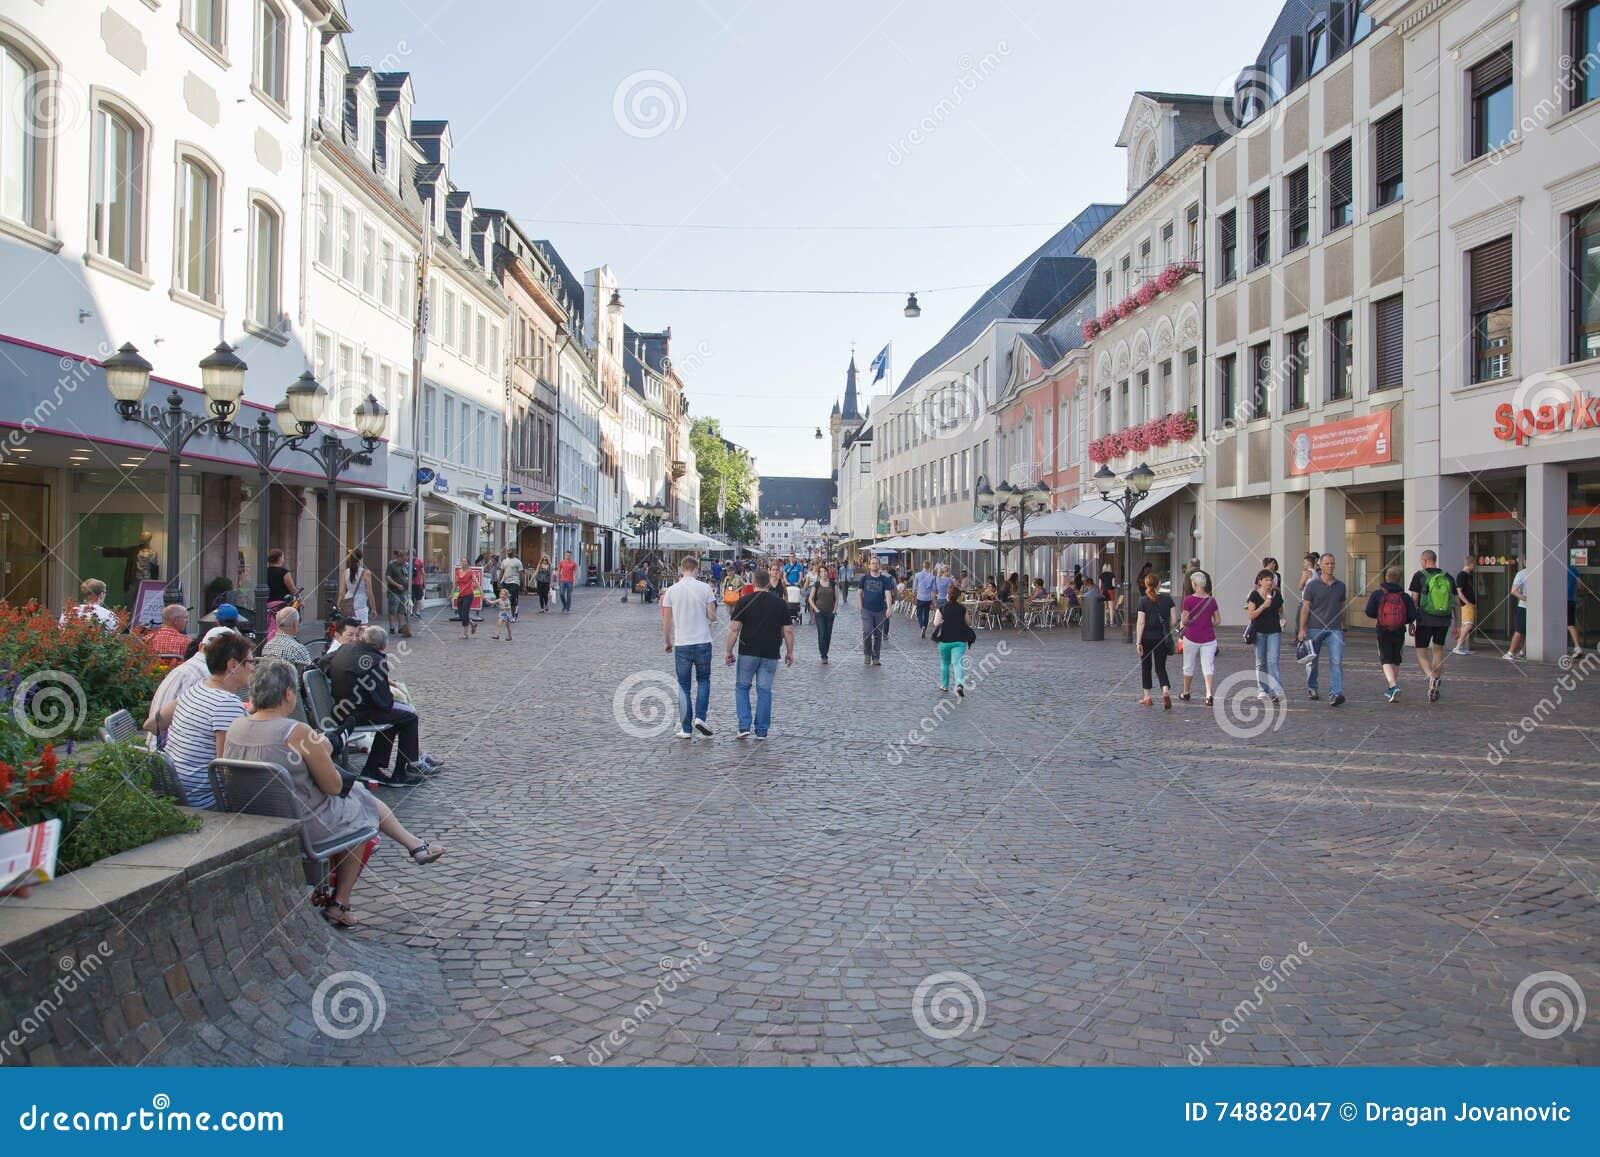 Mercado central, Trier